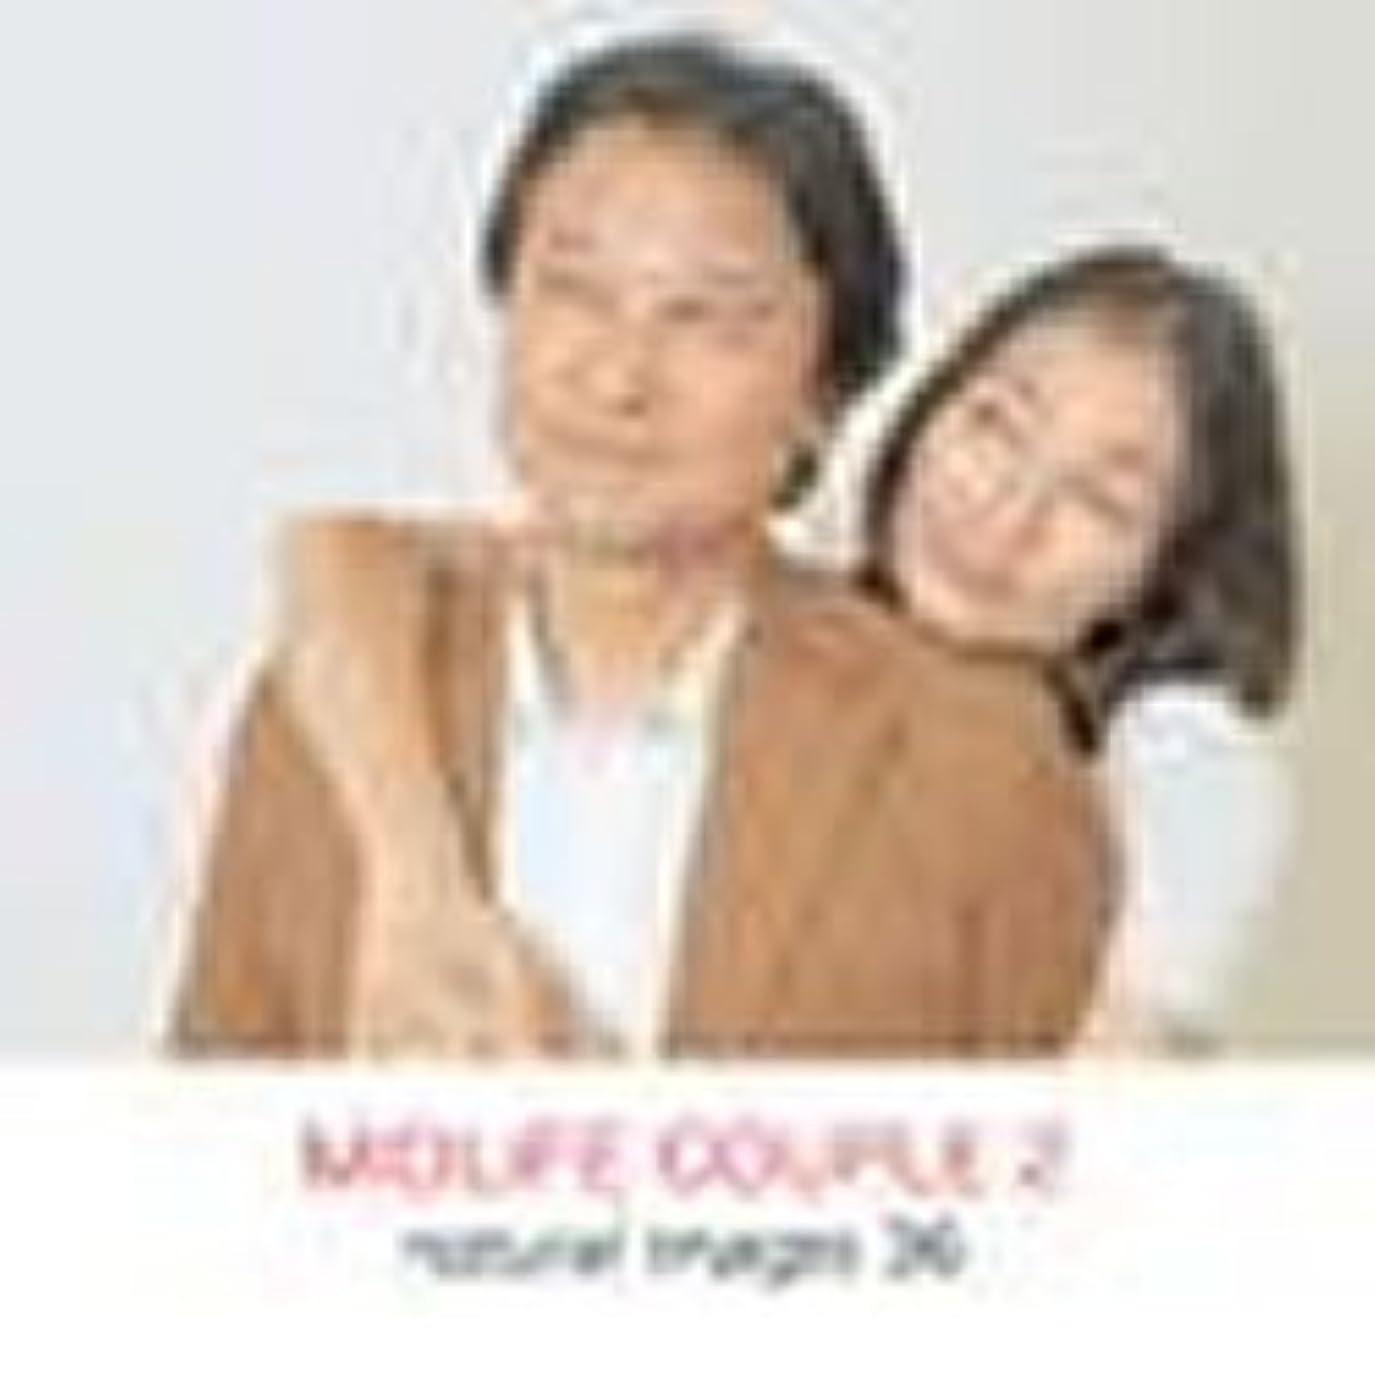 横ペッカディロヒゲnatural images Vol.36 MIDLIFE COUPLE2